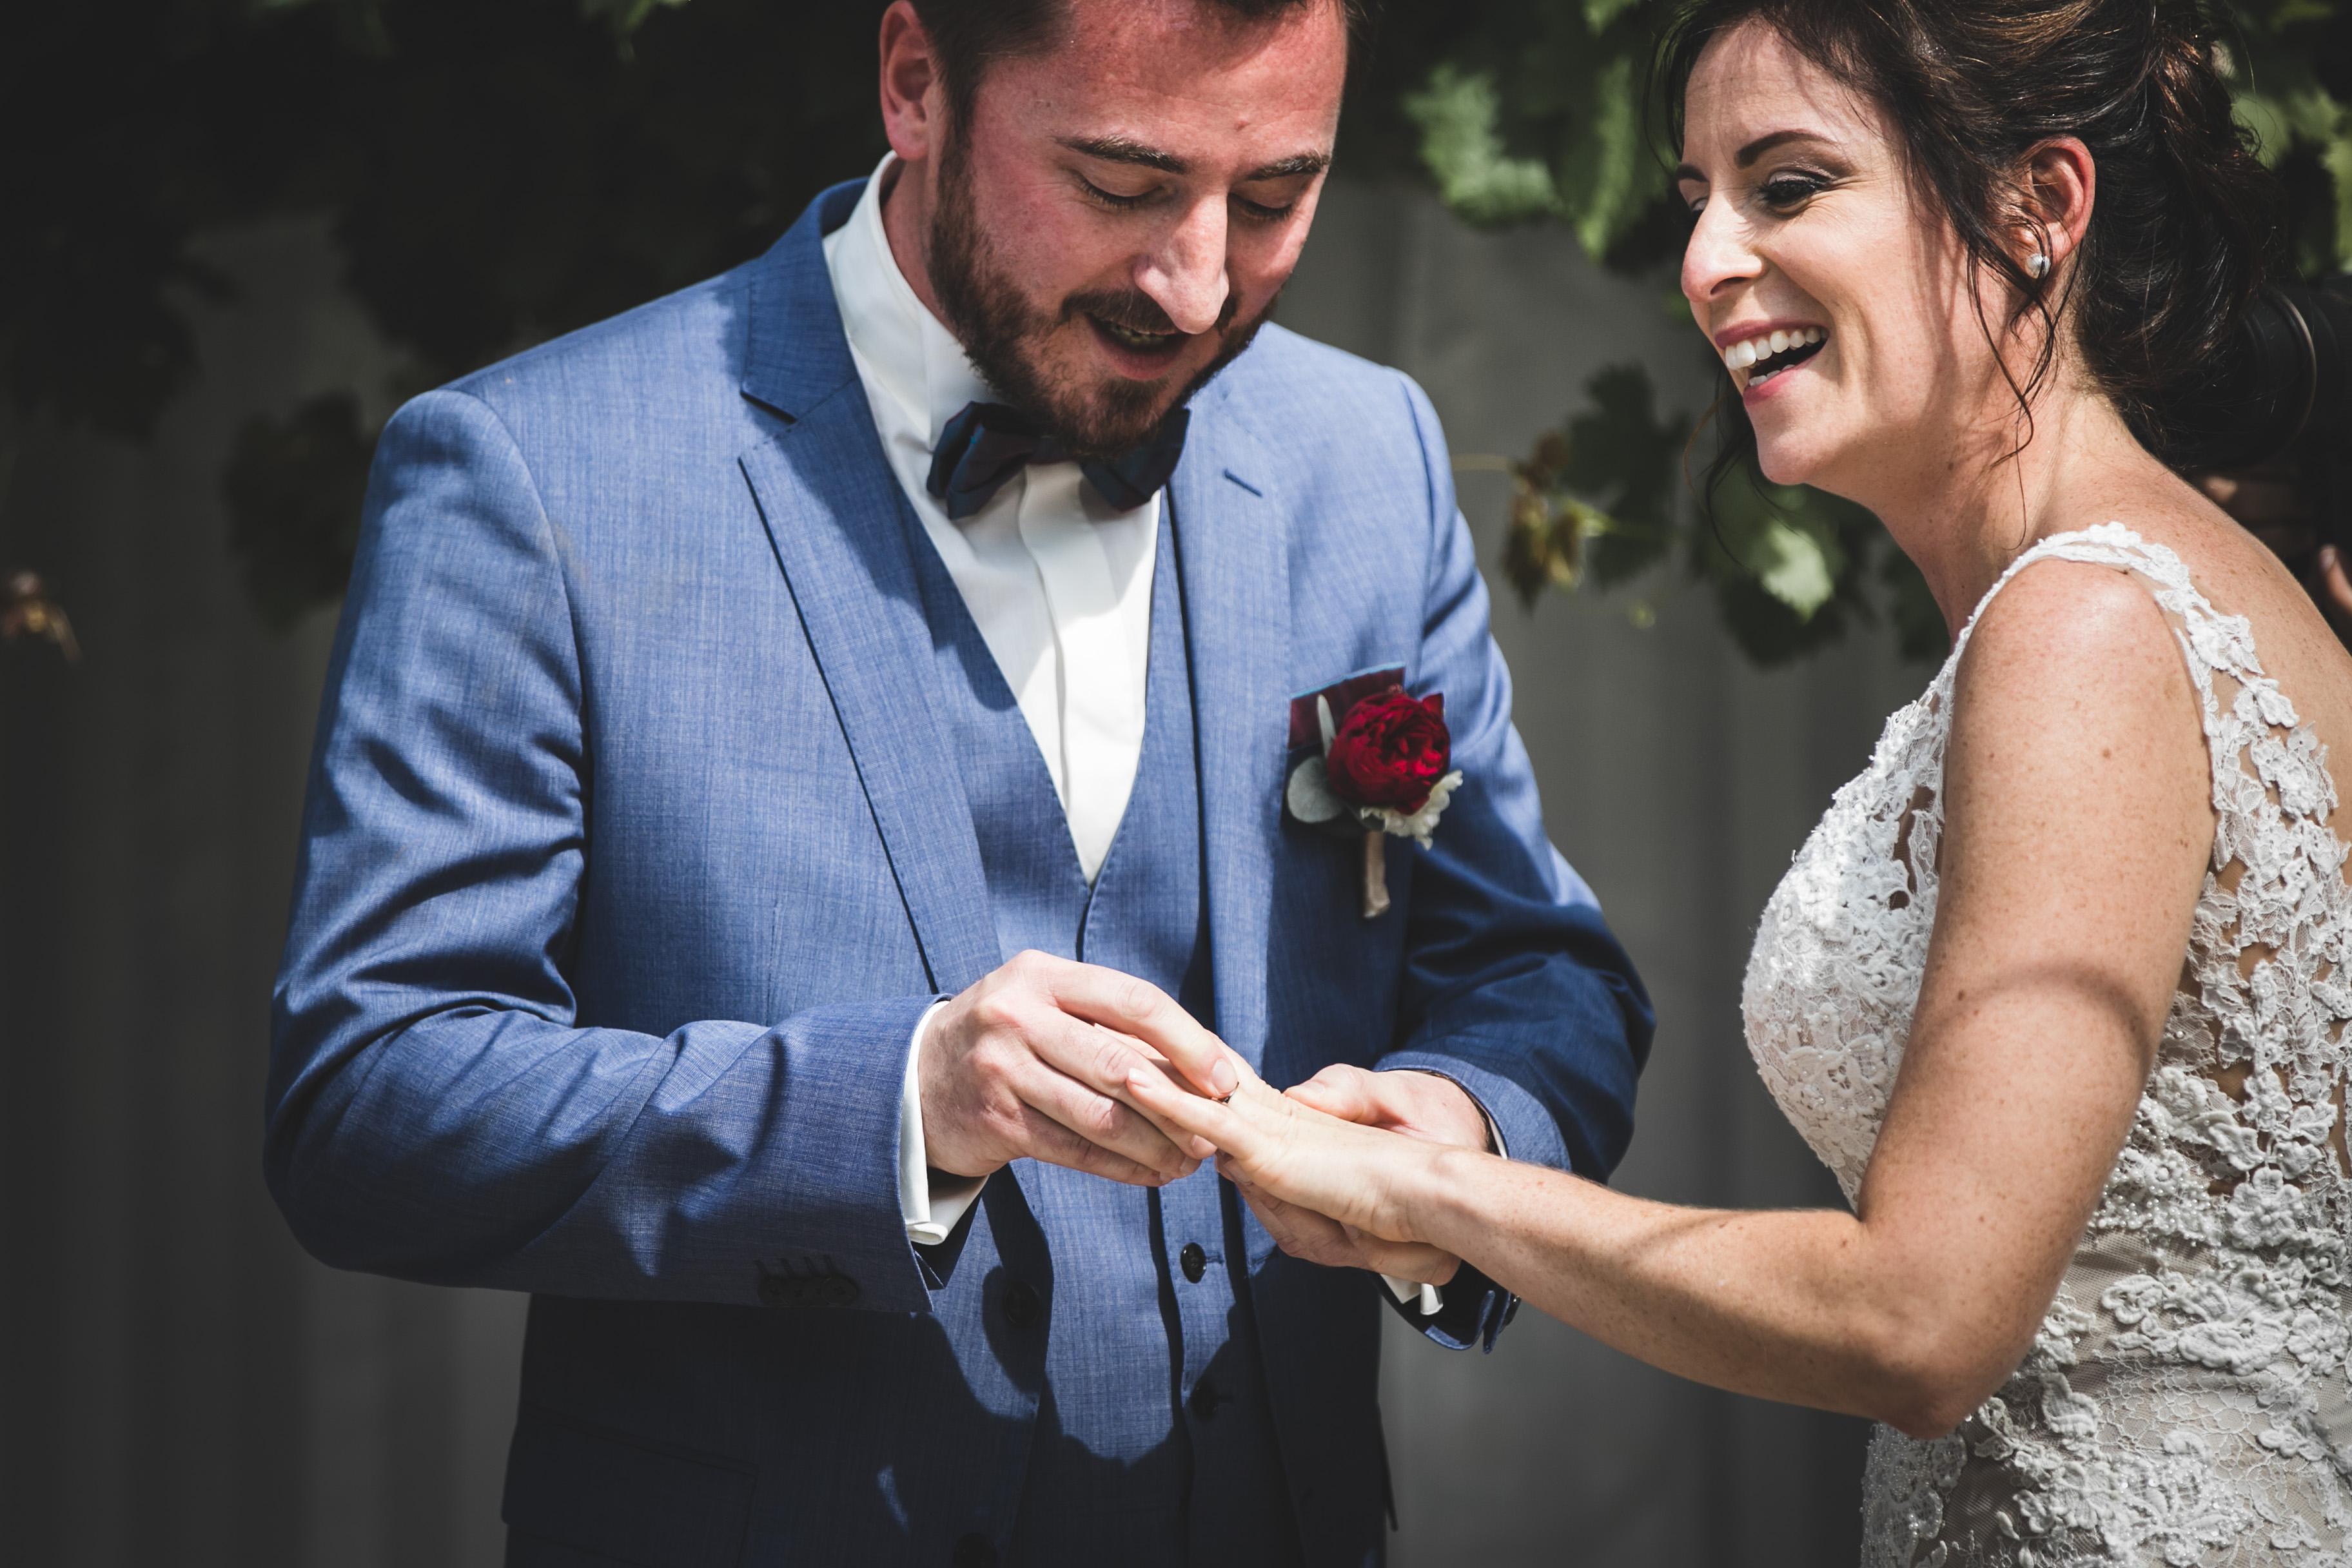 Photo mariage, couple, cérémonie laïque, mariage suisse, mariage laique, bleu je te veux, mariés, wedding